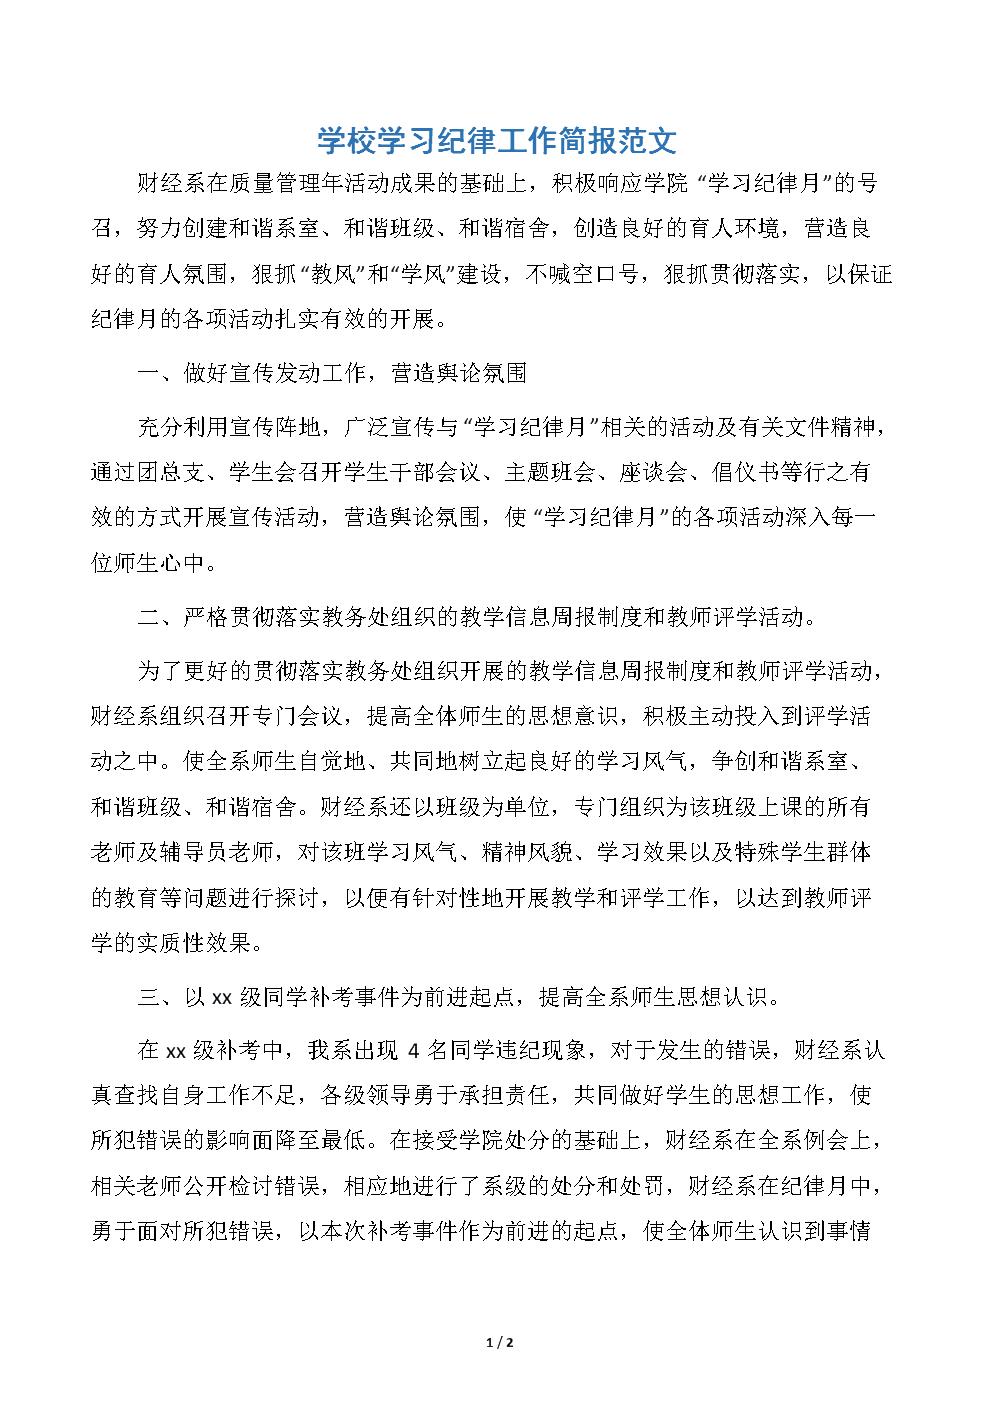 学校学习纪律工作简报范文.docx